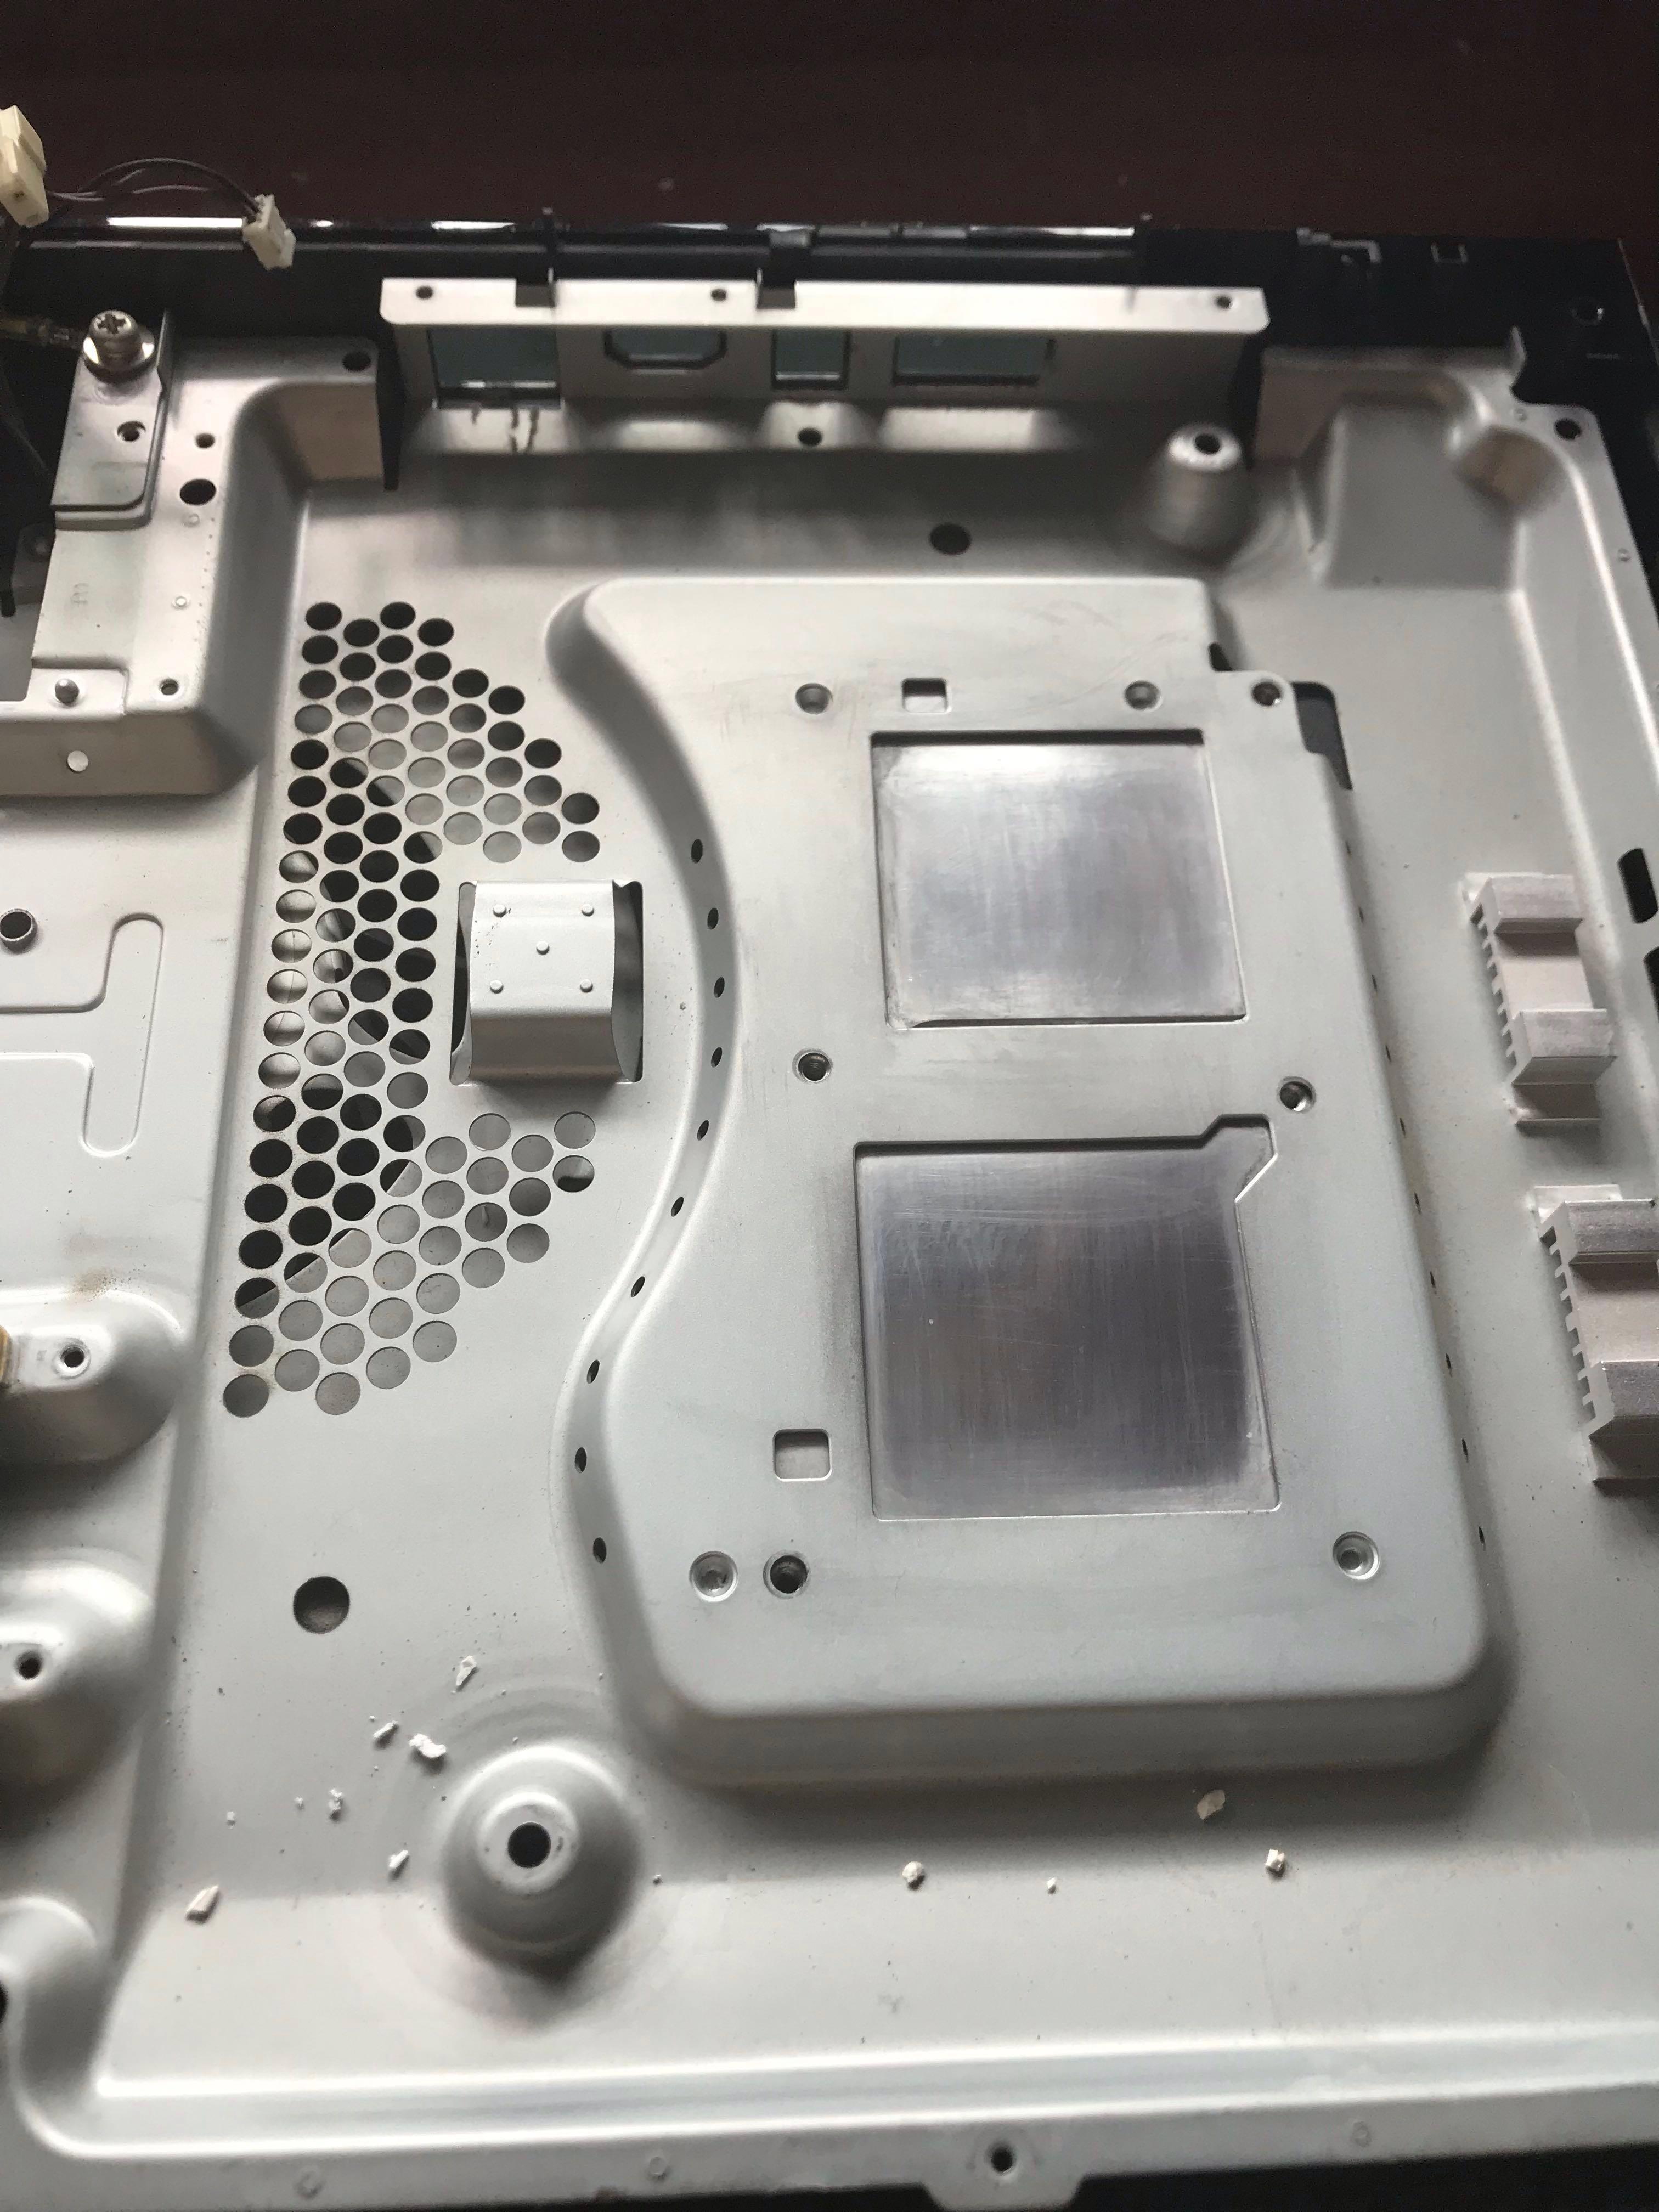 PS4 repairs